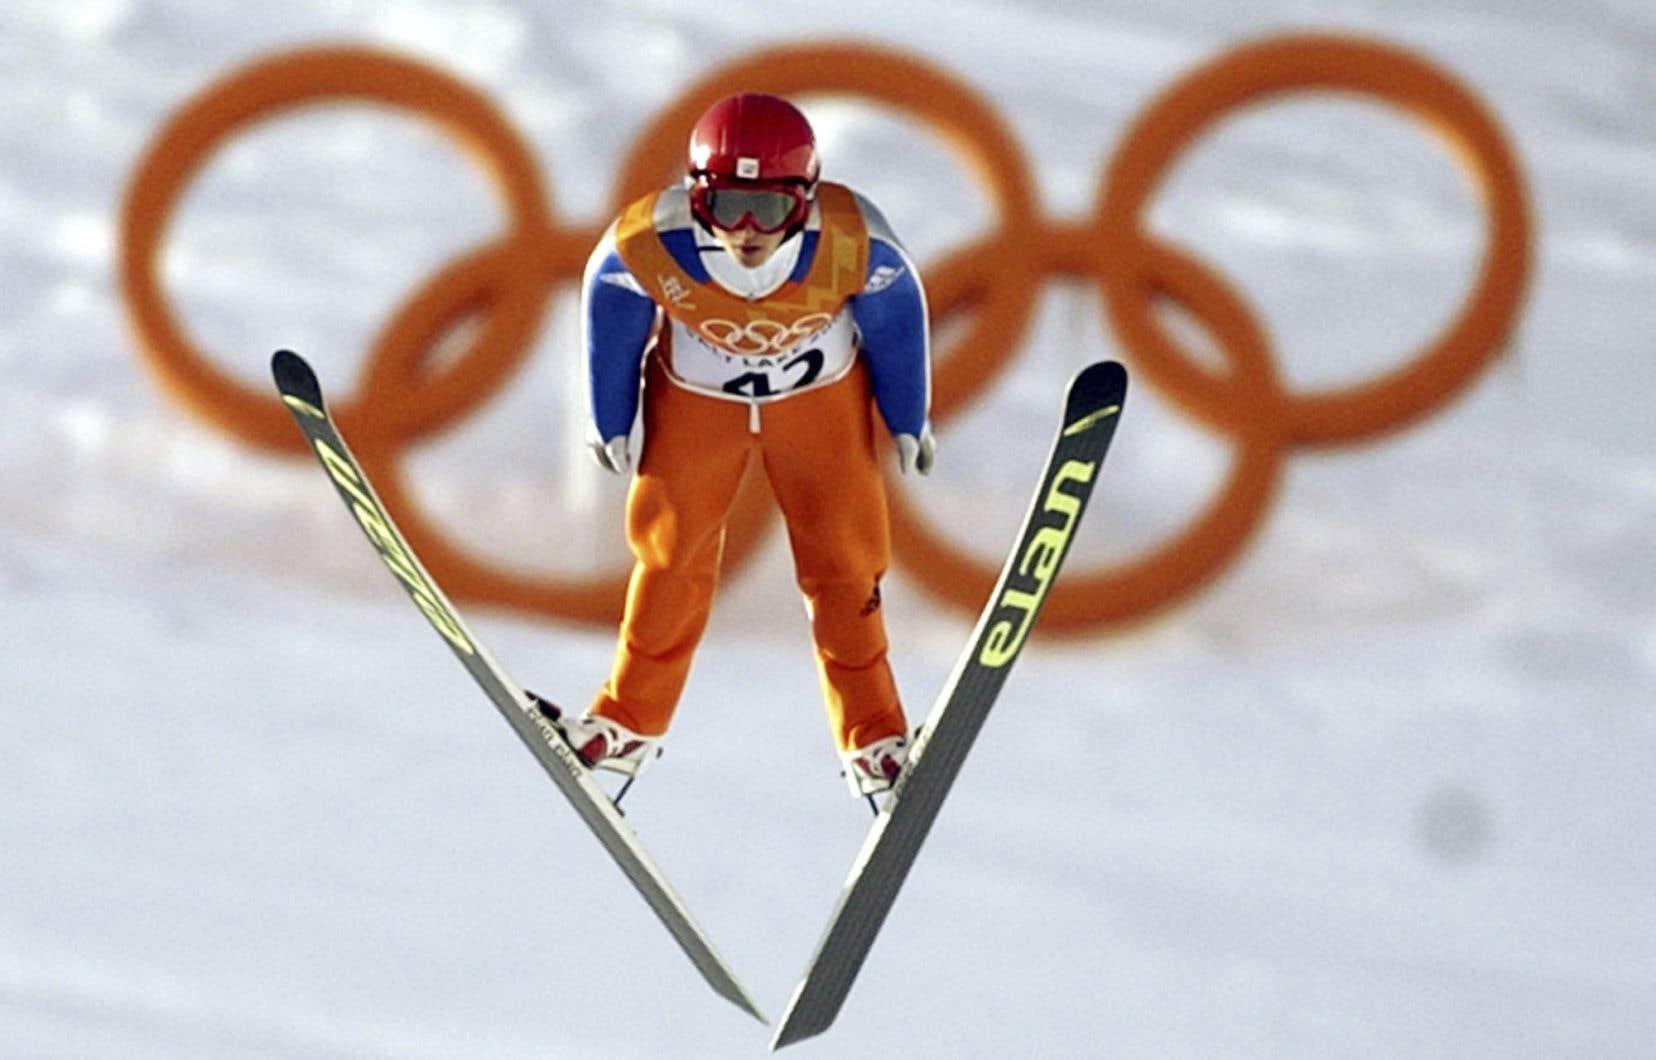 Les Championnats du monde de ski acrobatique, les épreuves de Coupe du monde de ski alpin, de ski de fond, de saut à skis et de combiné nordique ont été annulées.